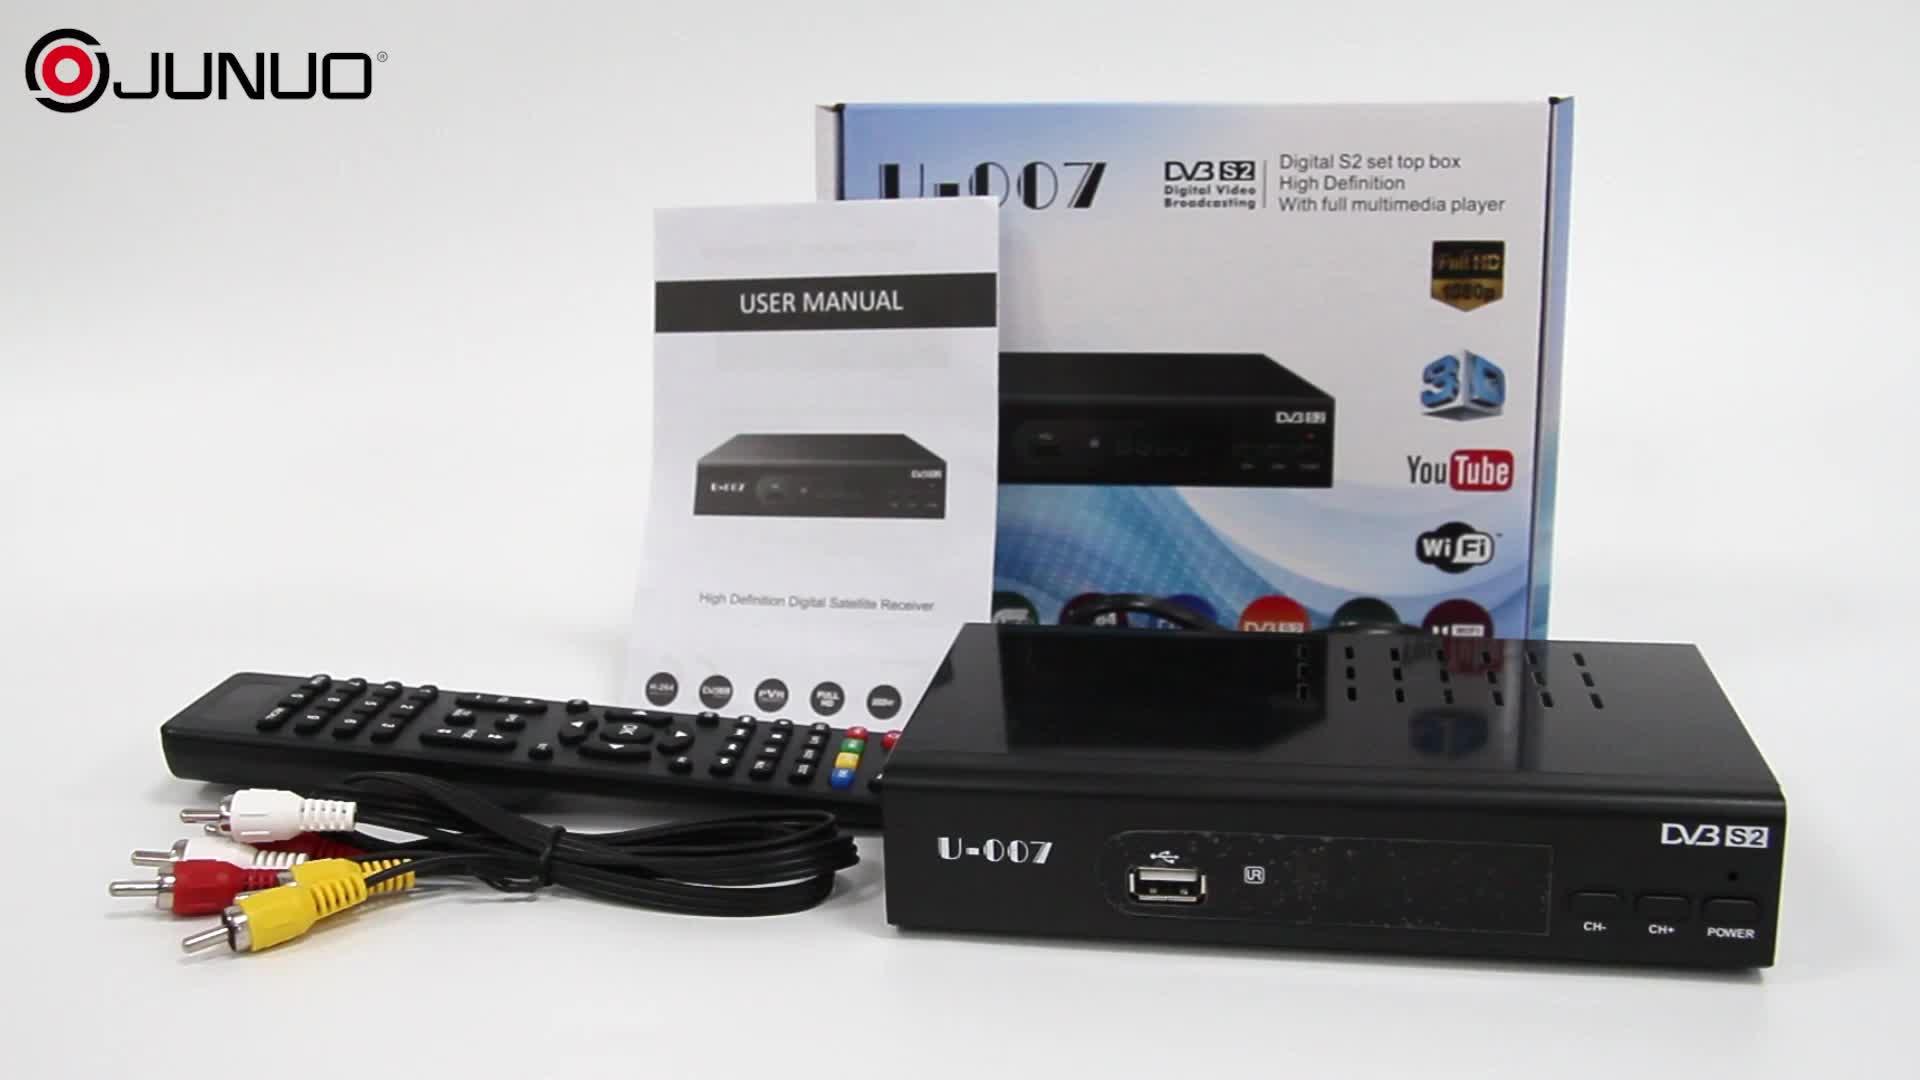 Shenzhen junuo fabricant dvb-s2 mini hd récepteur de télévision par satellite internet récepteur satellite numérique